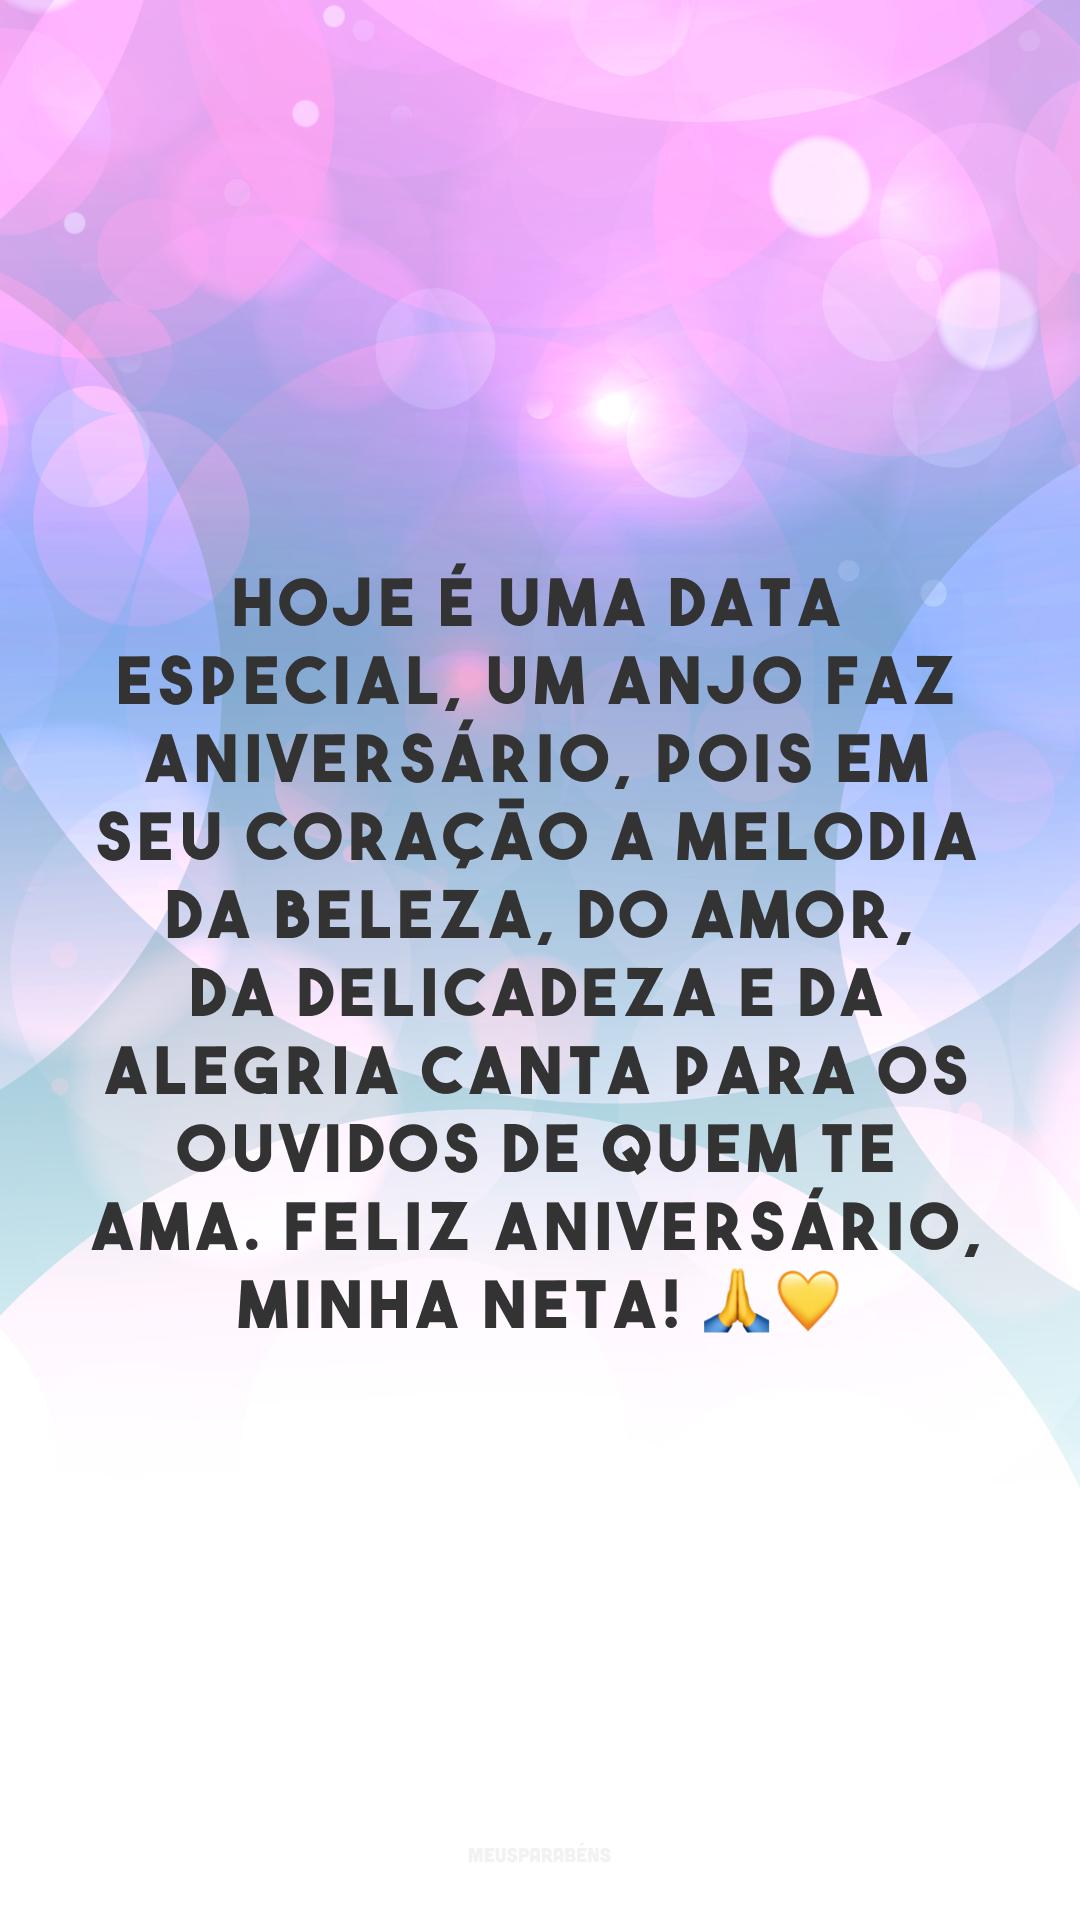 Hoje é uma data especial, um anjo faz aniversário, pois em seu coração a melodia da beleza, do amor, da delicadeza e da alegria canta para os ouvidos de quem te ama. Feliz aniversário, minha neta! ??